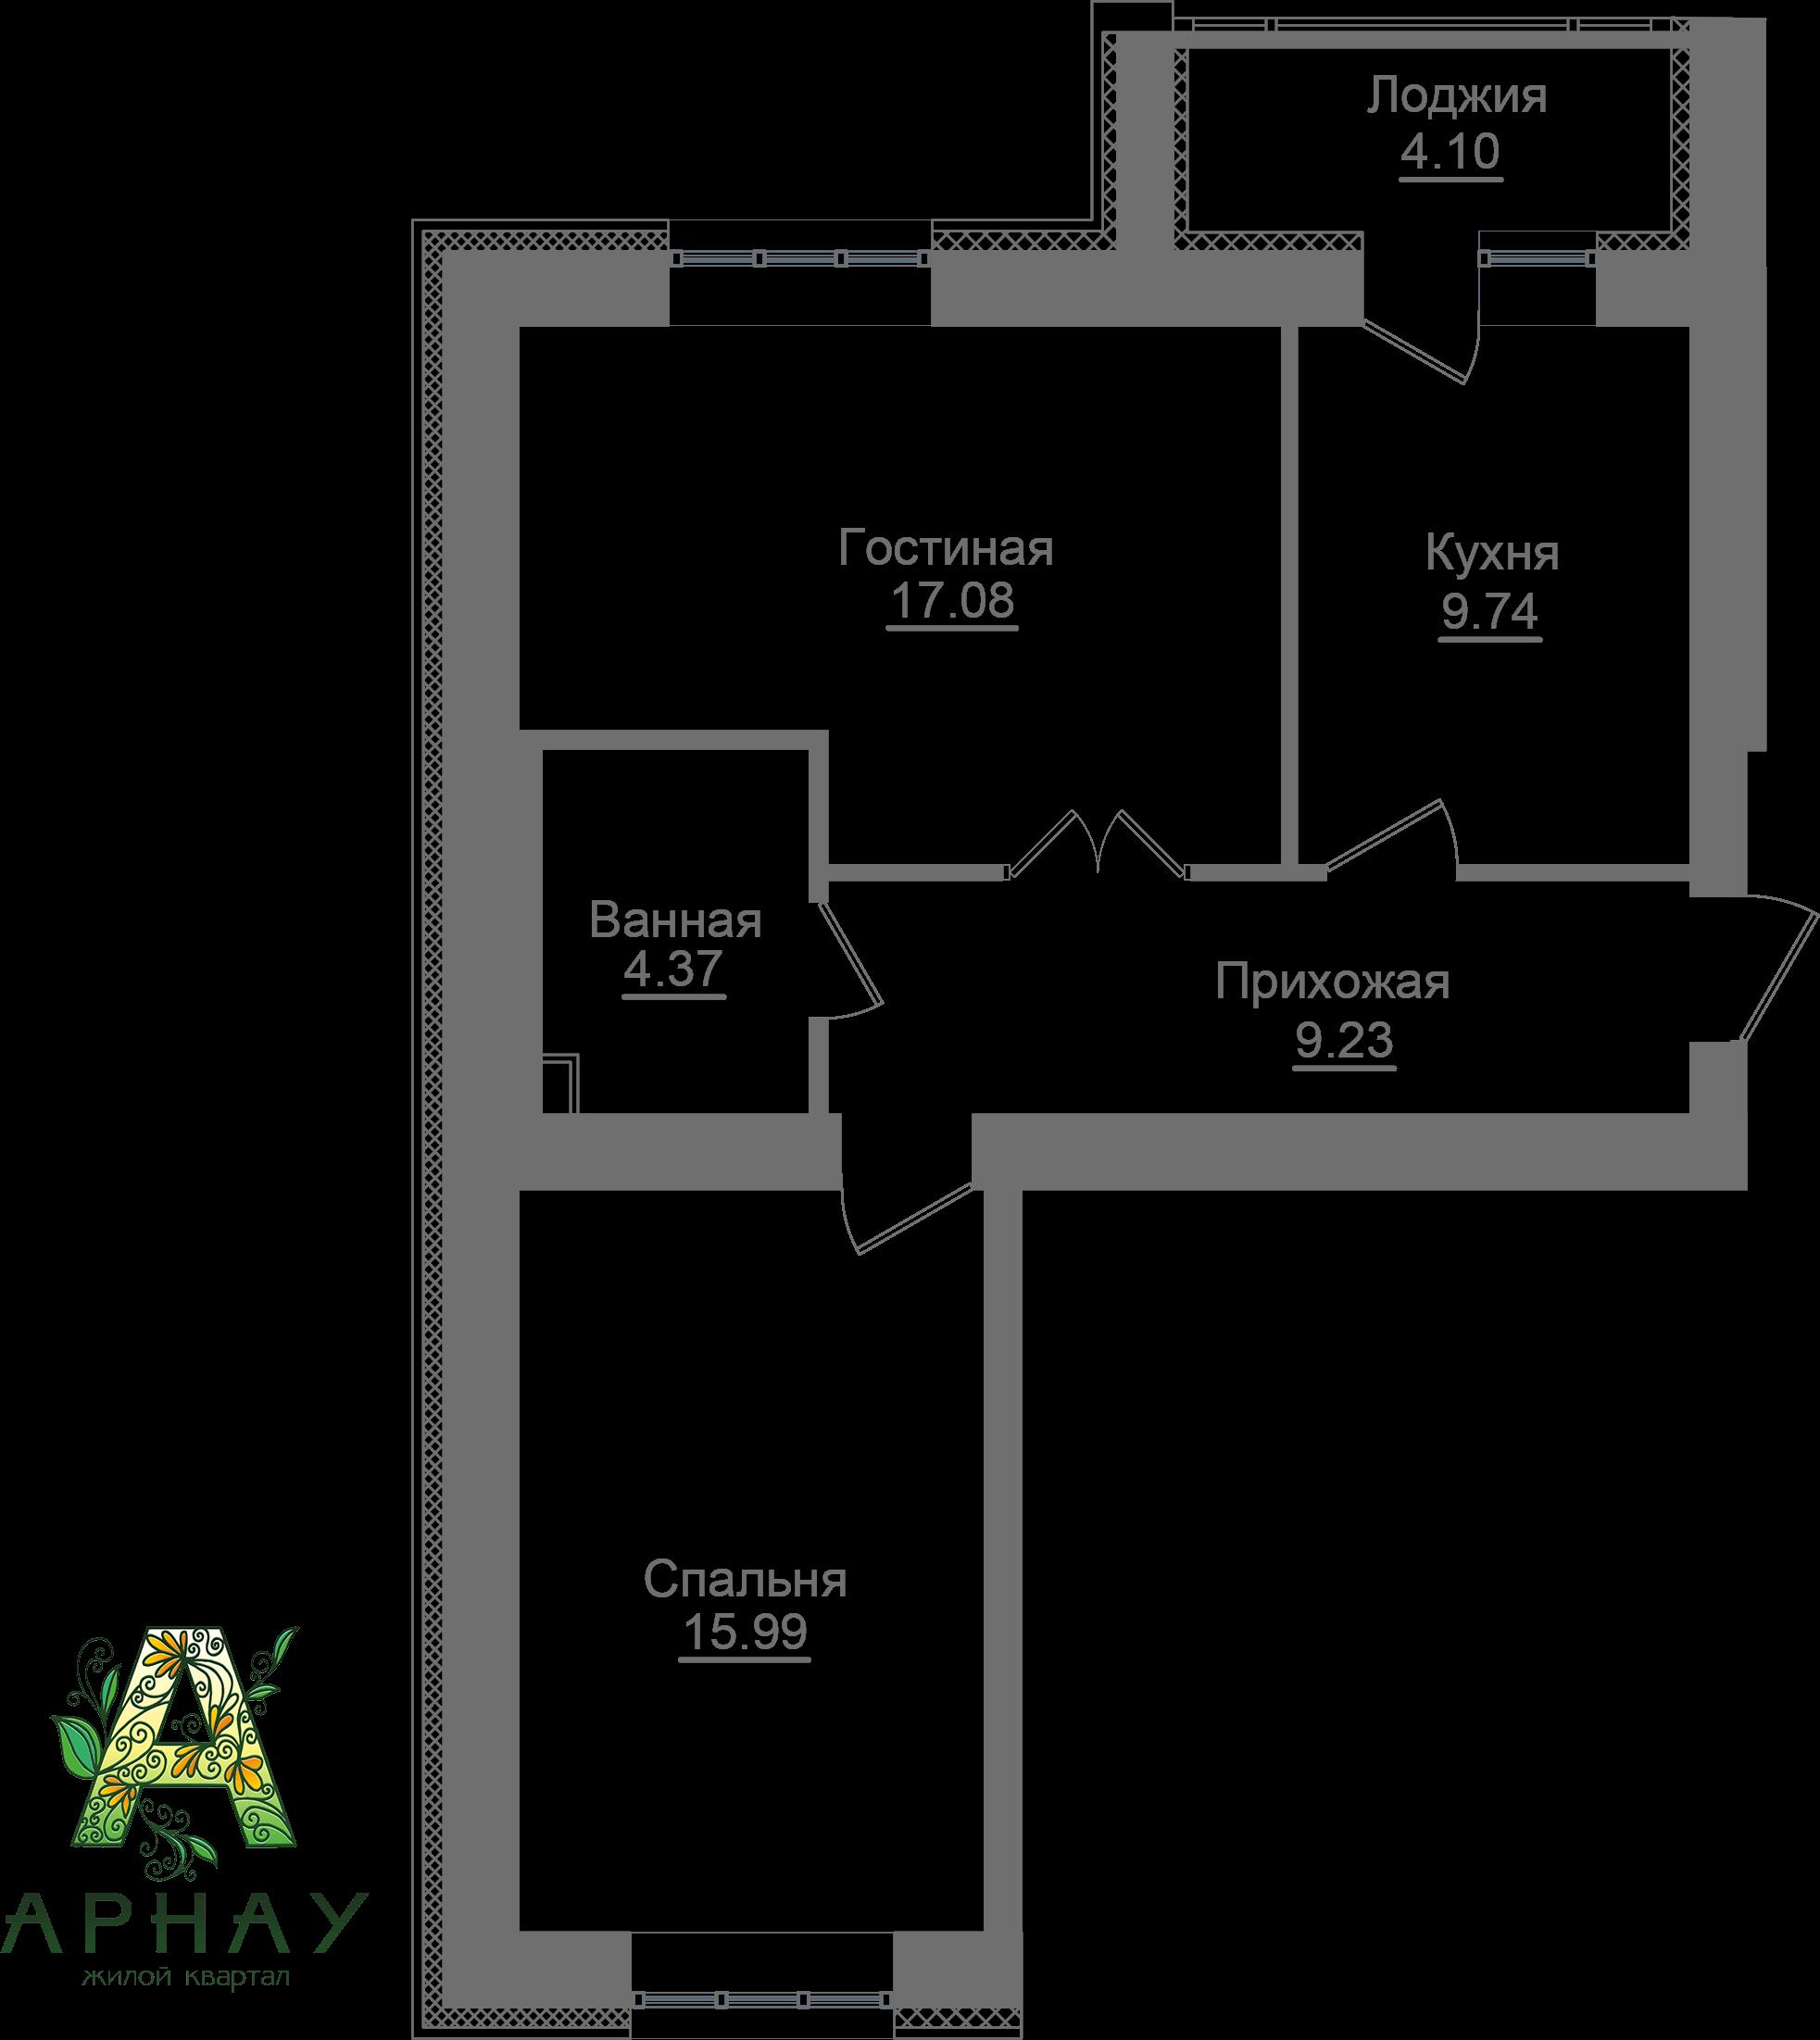 Квартира 34